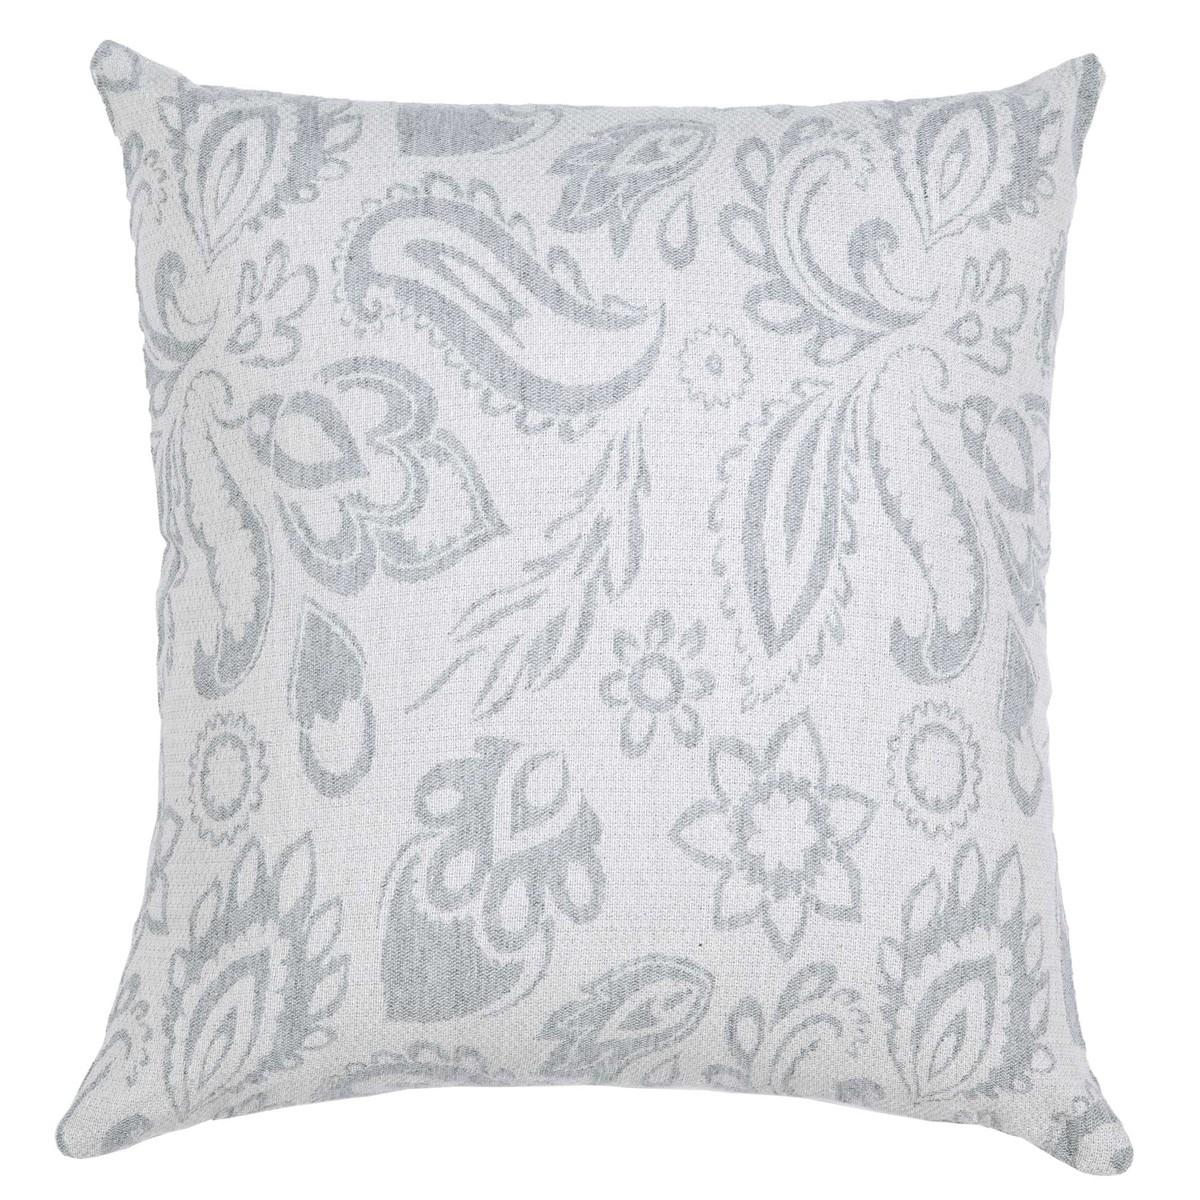 Διακοσμητική Μαξιλαροθήκη Nima Cushions Delhi Grey